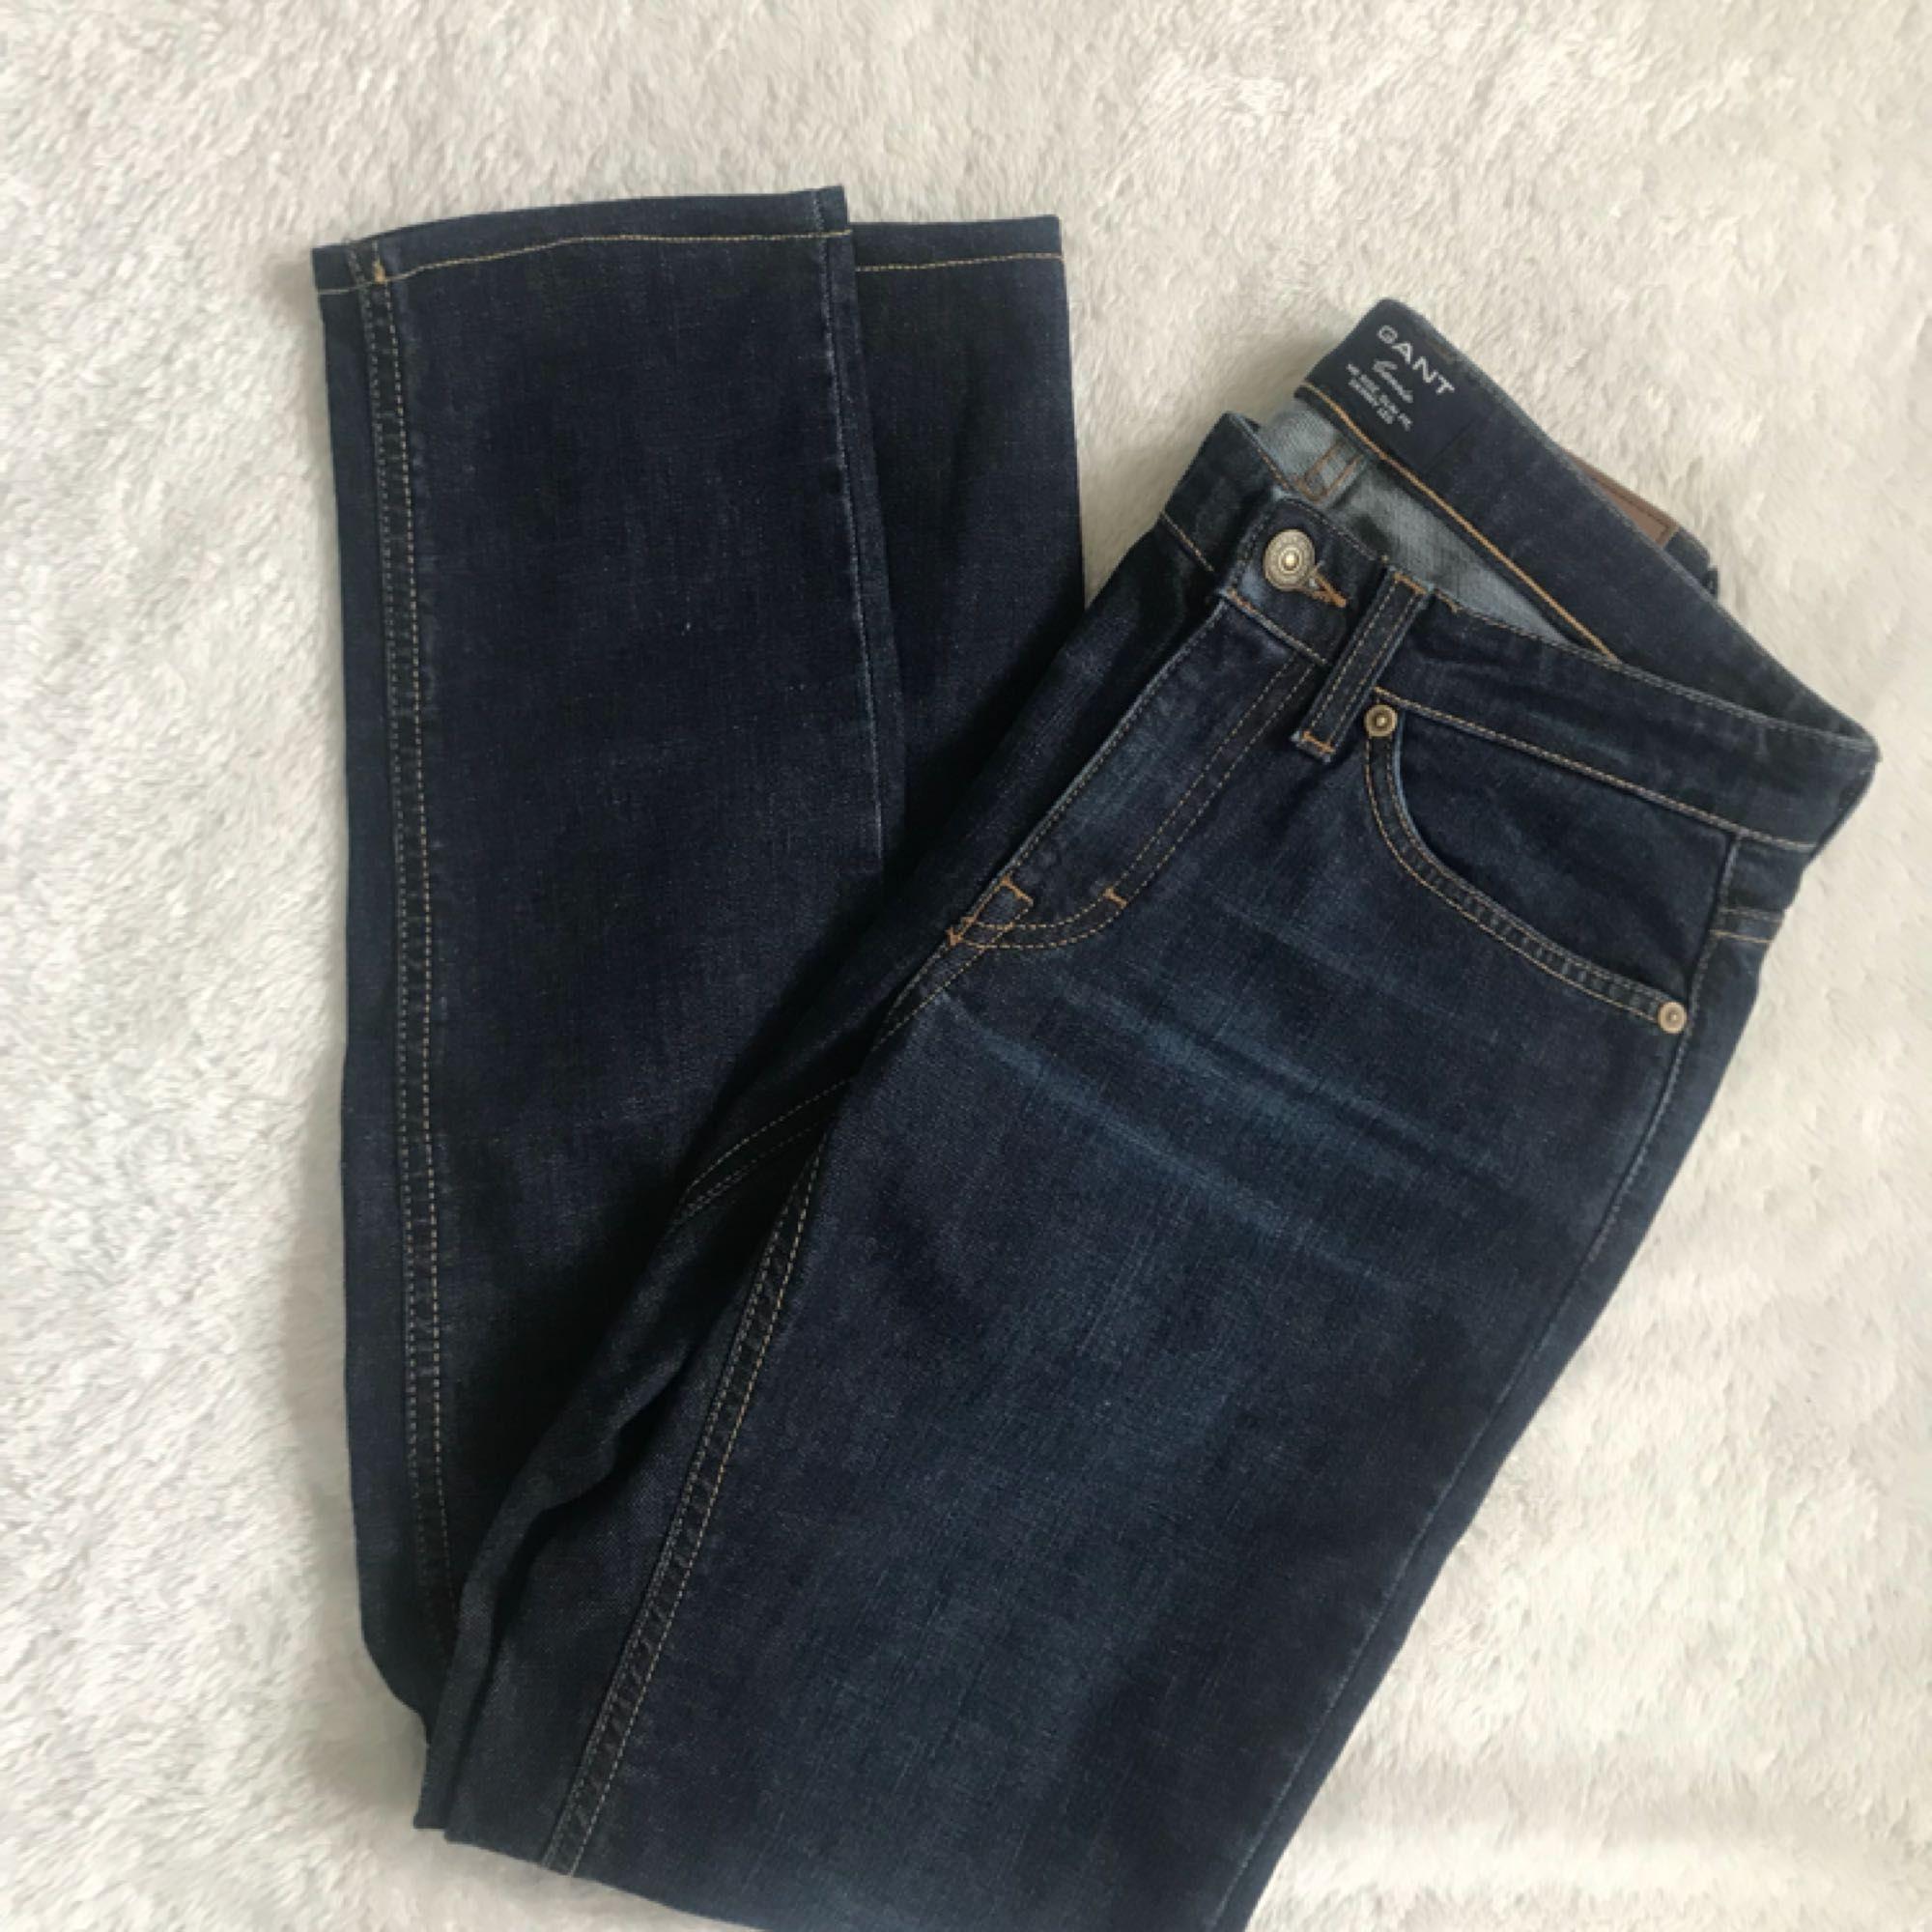 Ett par mörkblåa Gantjeans. Helt nya, endast provade. Fick i födelsedagspresent men var tyvärr för små och tiden för byte var ute. Verkligen jättesnygga och perfekta för hösten! 😊 Priset är exklusive frakt. Kan fick gå ner i pris vid snabb affär. . Jeans & Byxor.